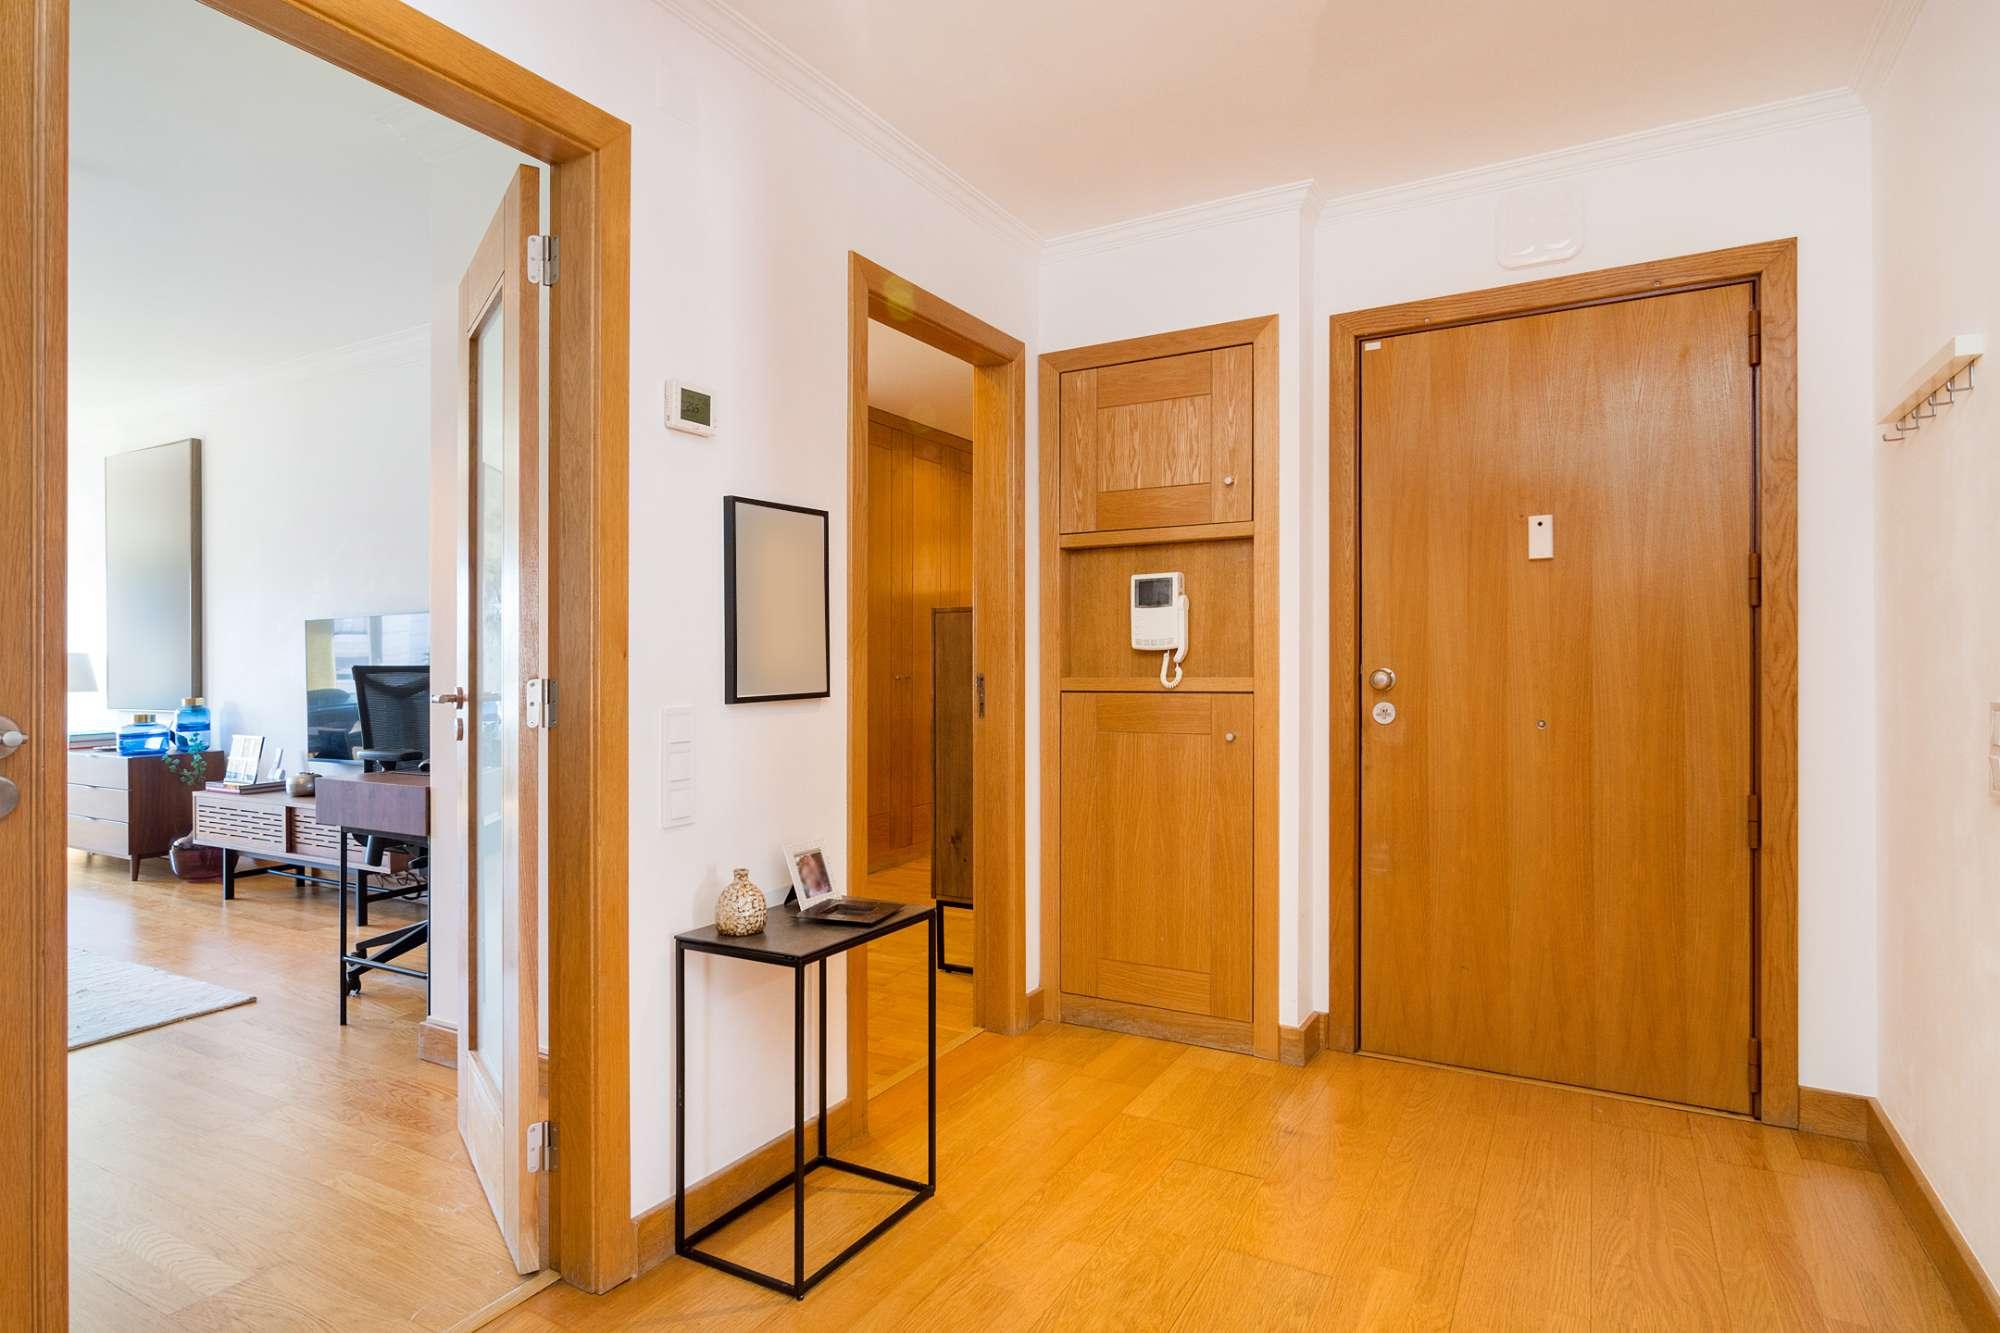 Apartamento T3 no Parque dos Príncipes